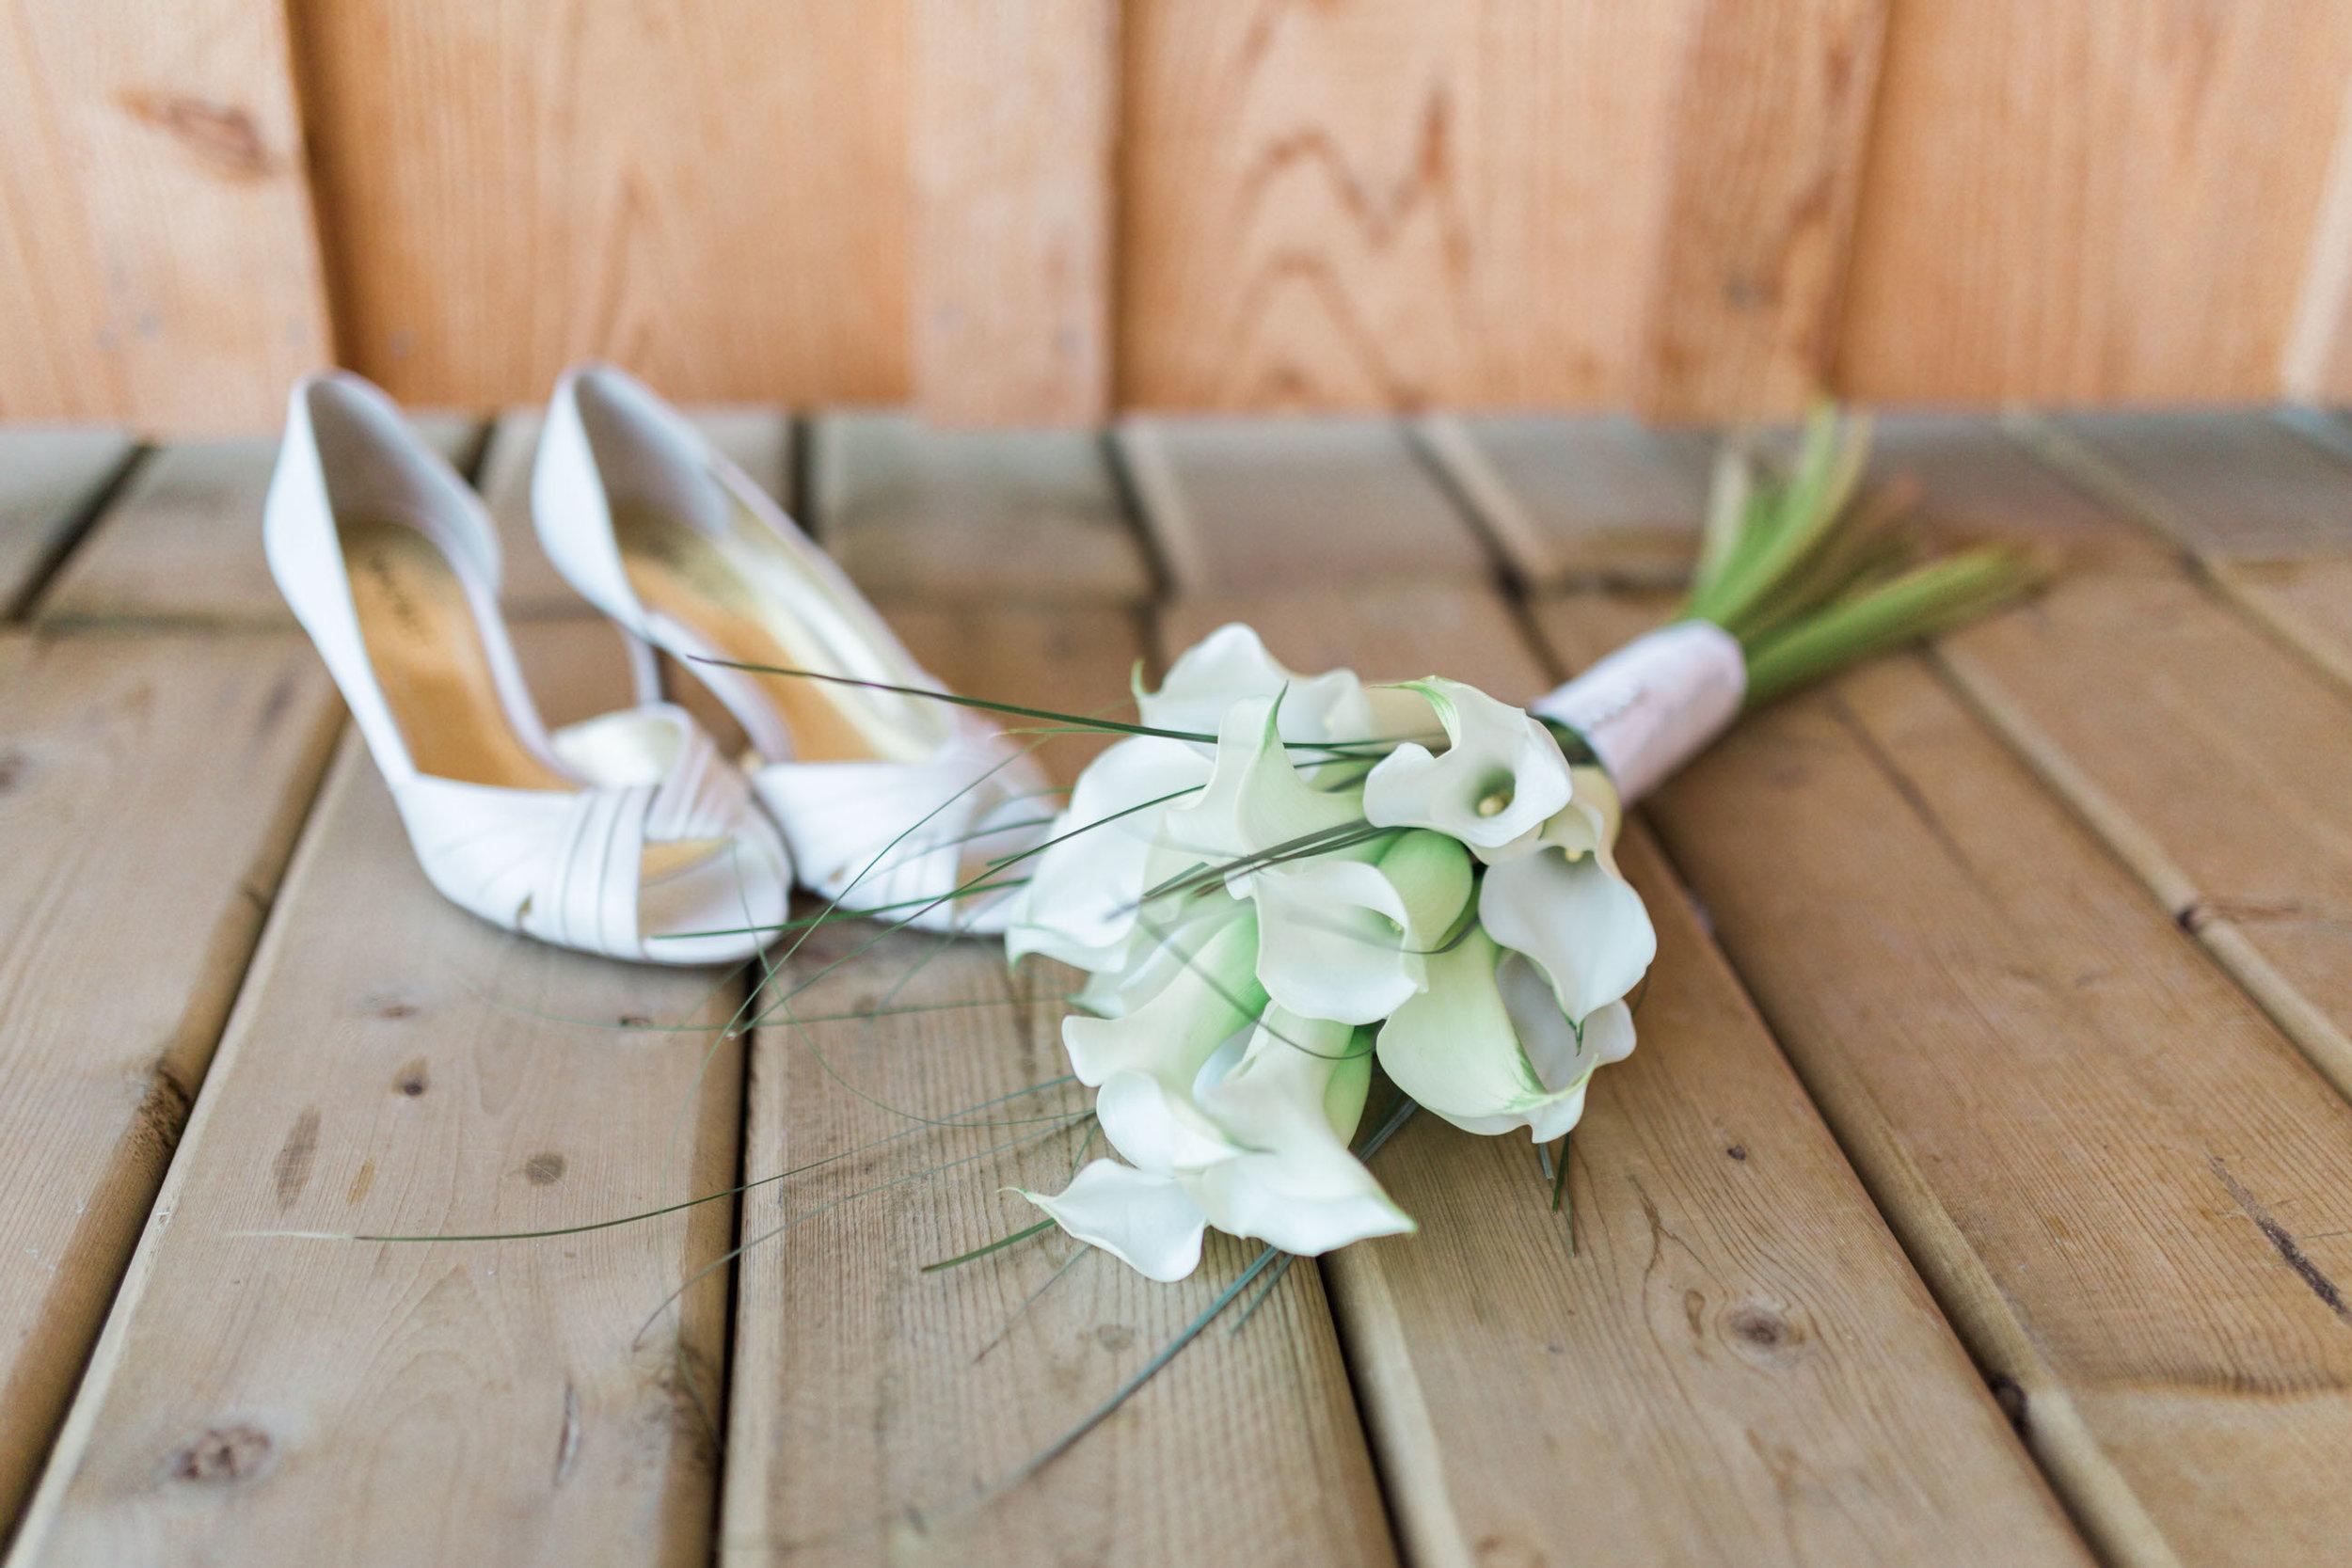 Sunshine Coast Wedding Photographer - Vancouver Wedding Photographer - West Coast Wilderness Lodge Wedding - Jennifer Picard Photography - IMG_6374.jpg